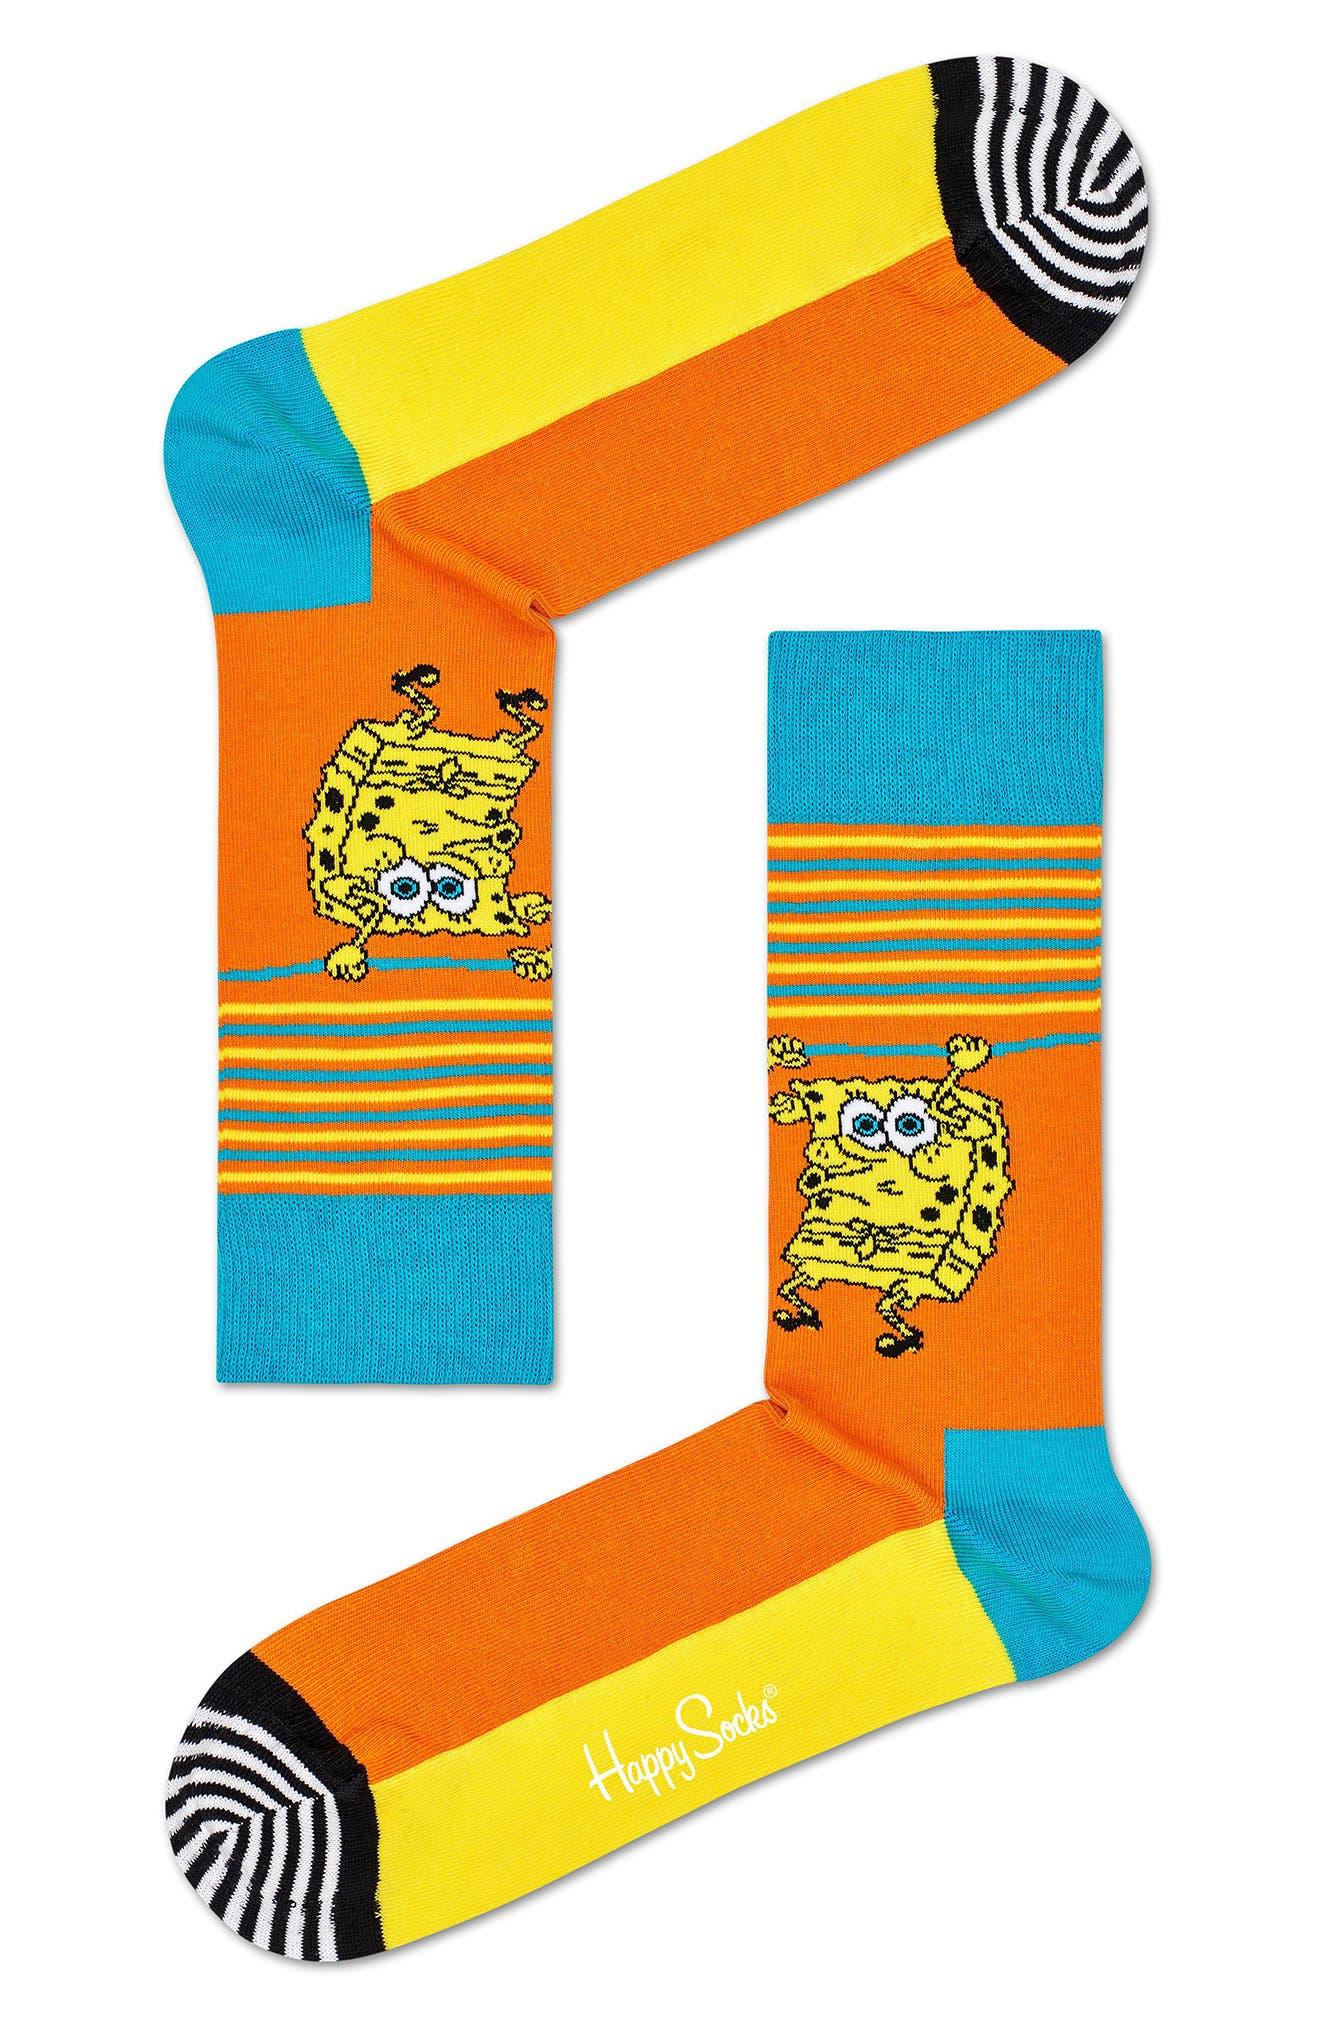 X Spongebob Let'S Work It Out Socks